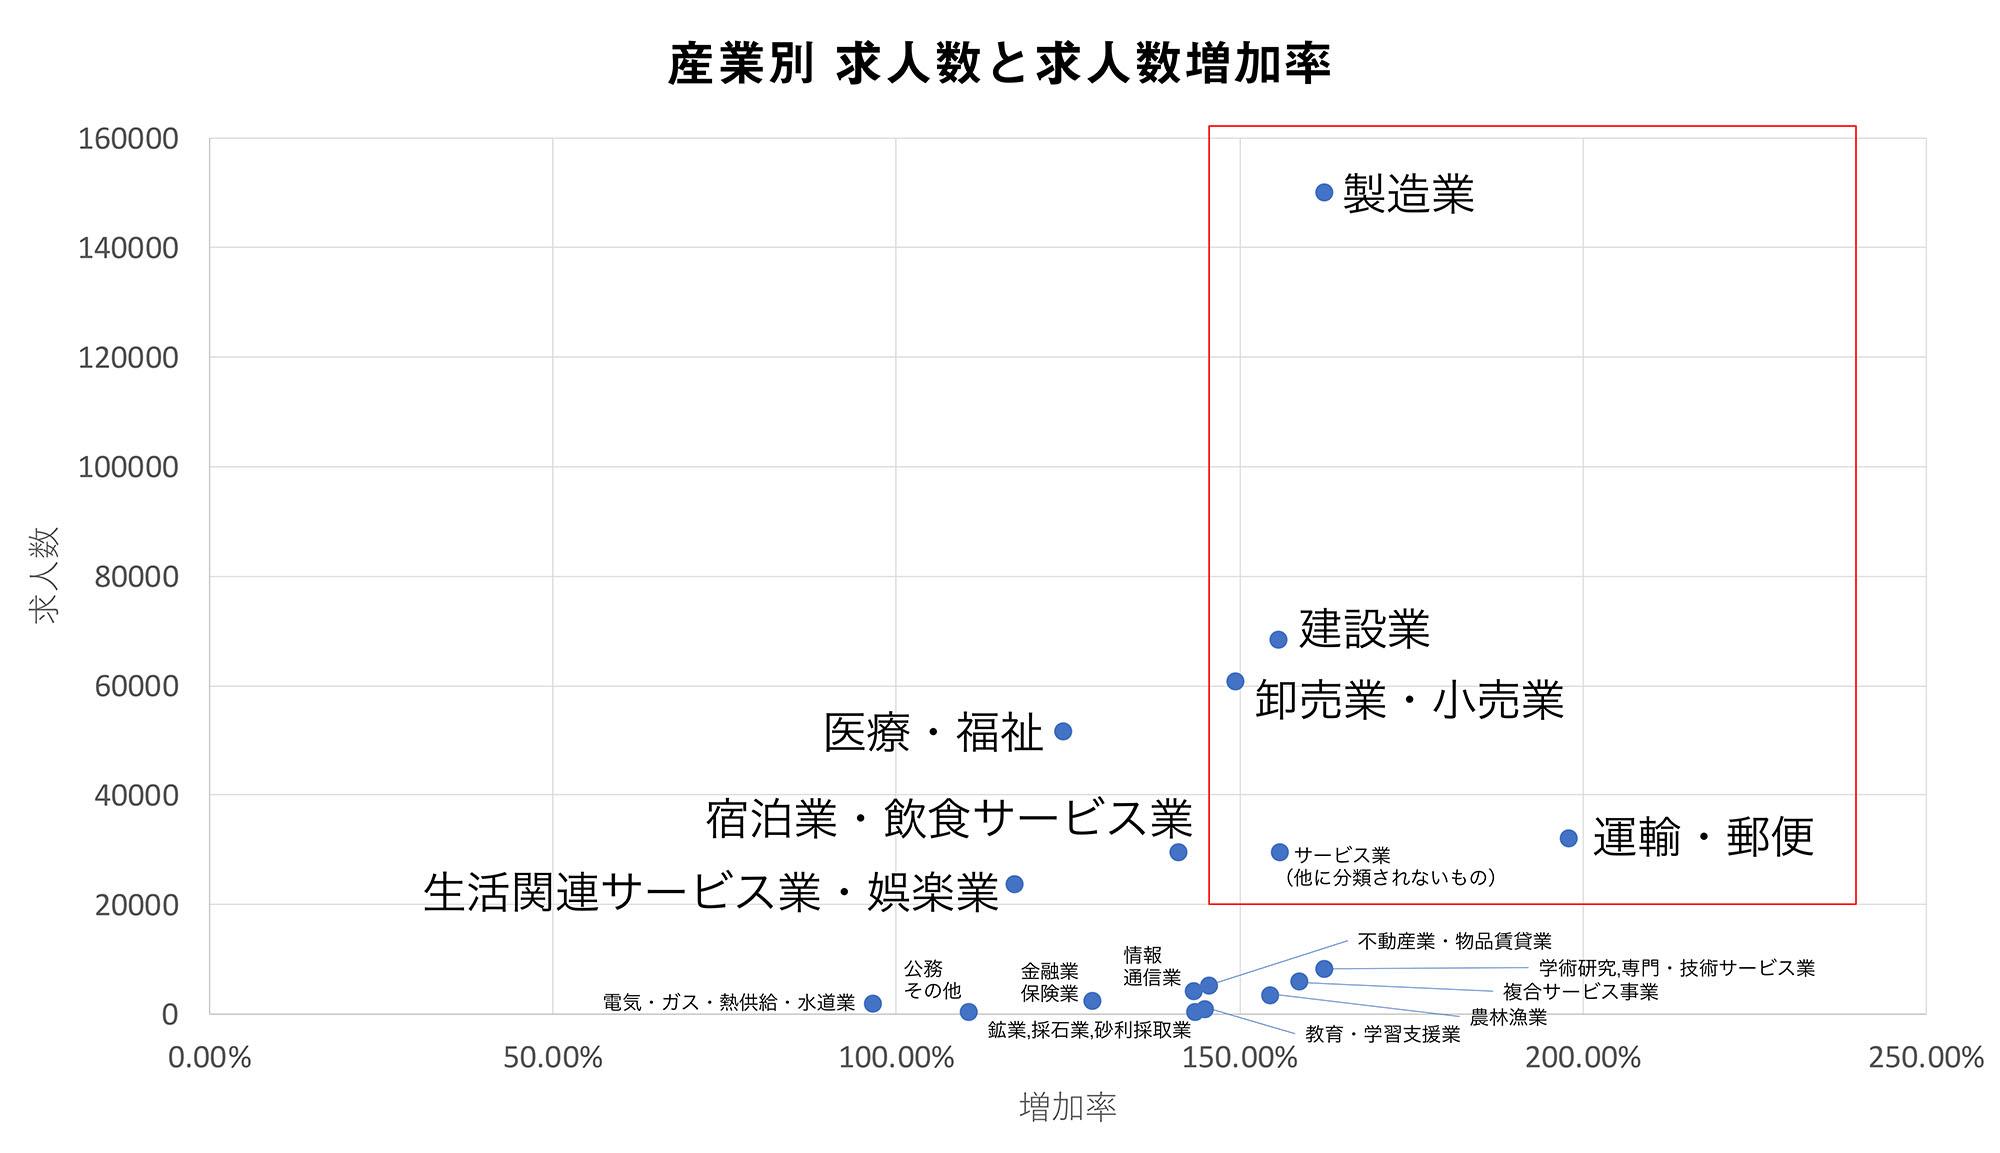 産業別 求人数と求人増加率